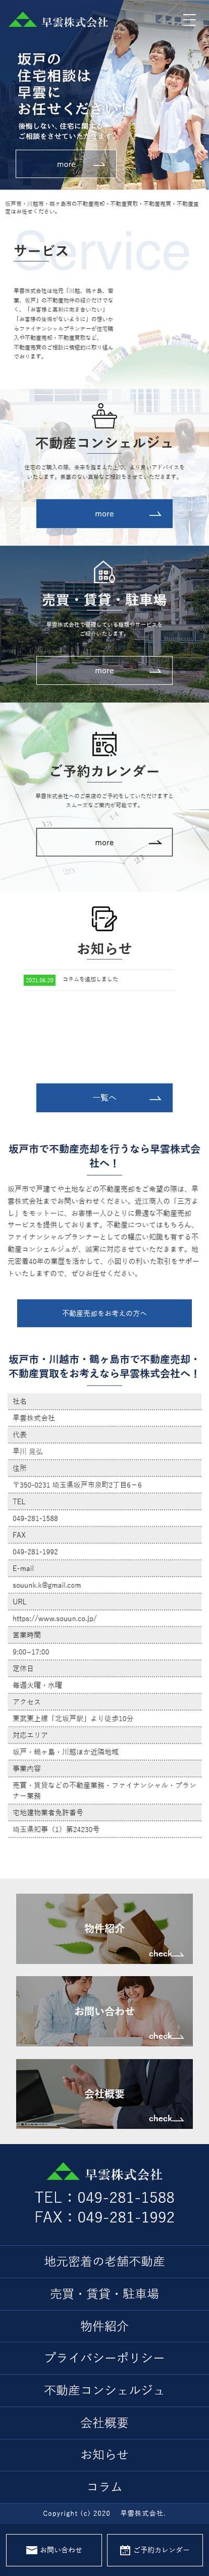 早雲株式会社